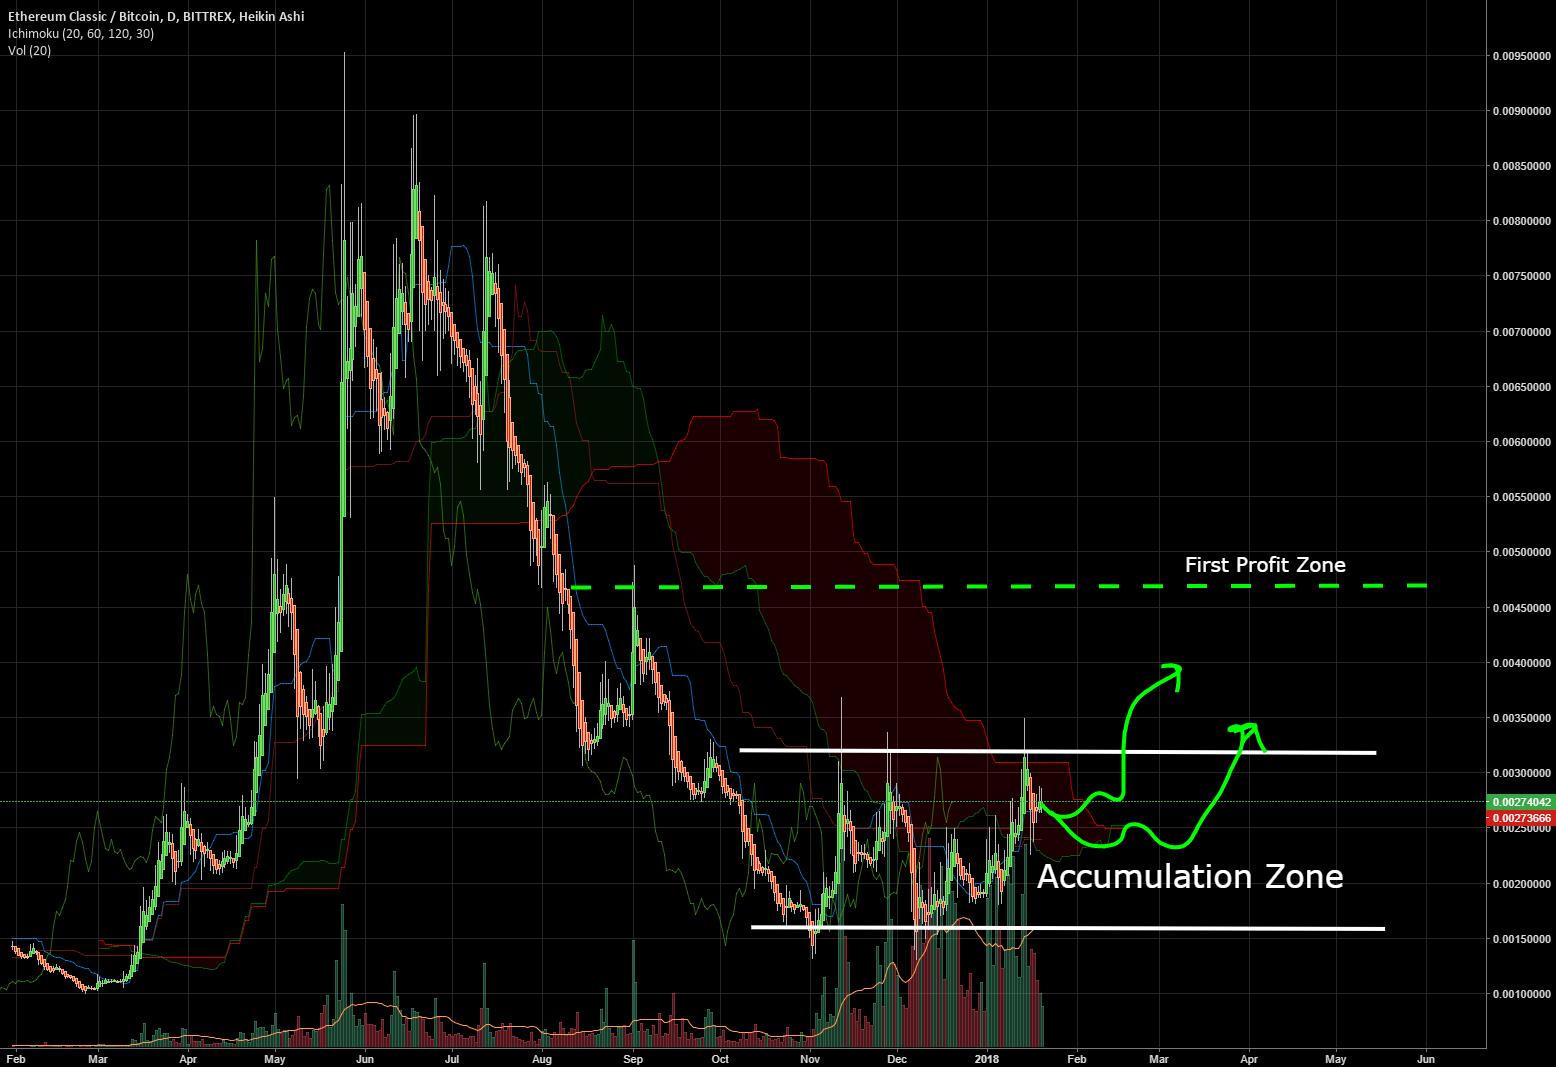 The Bullish ETC/BTC Chart